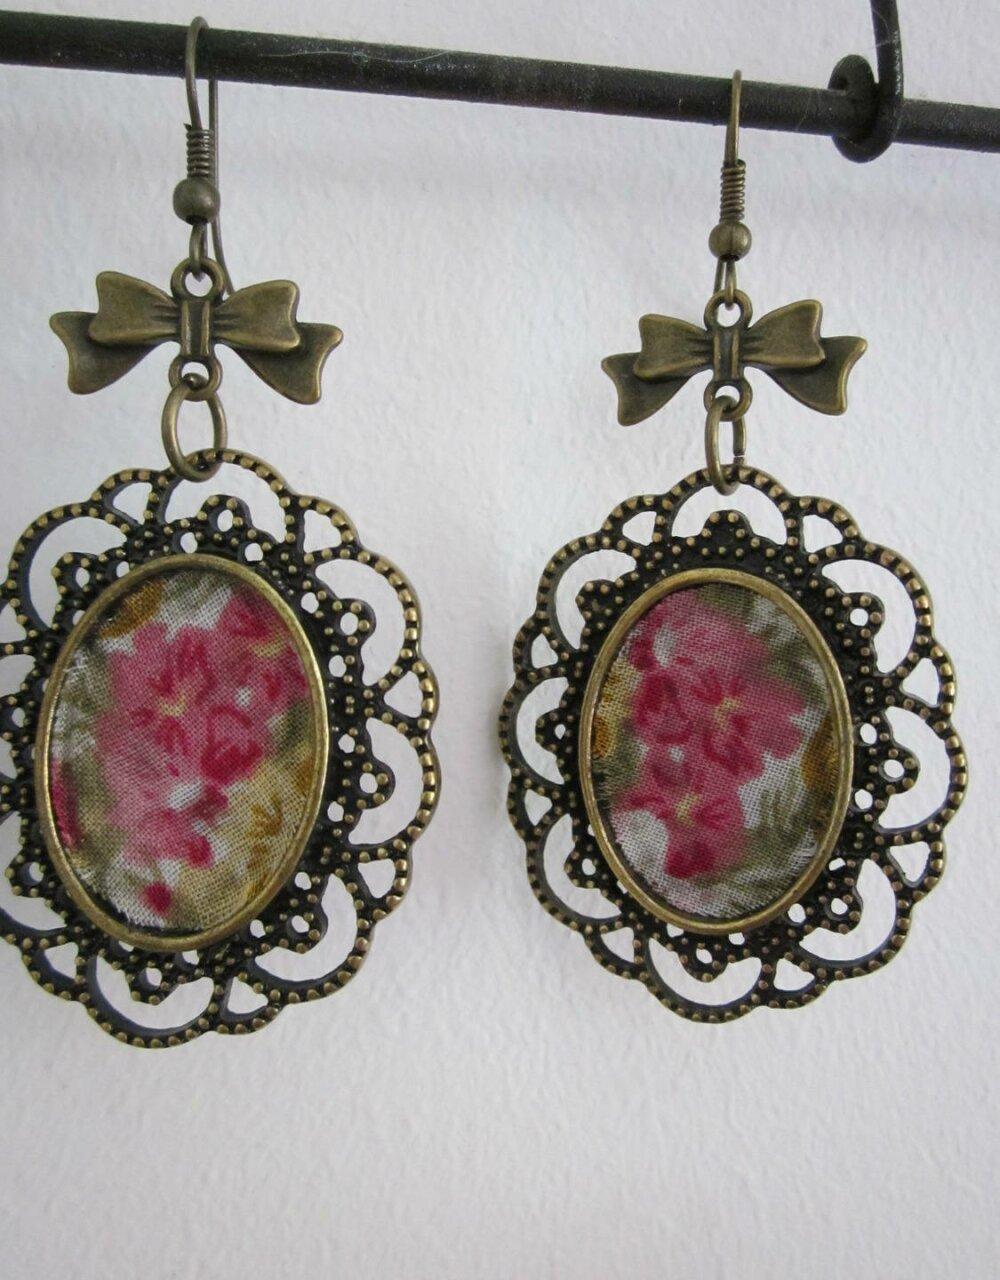 Boucles d'oreilles fantaisie pour femme médaillon ovale fleurs